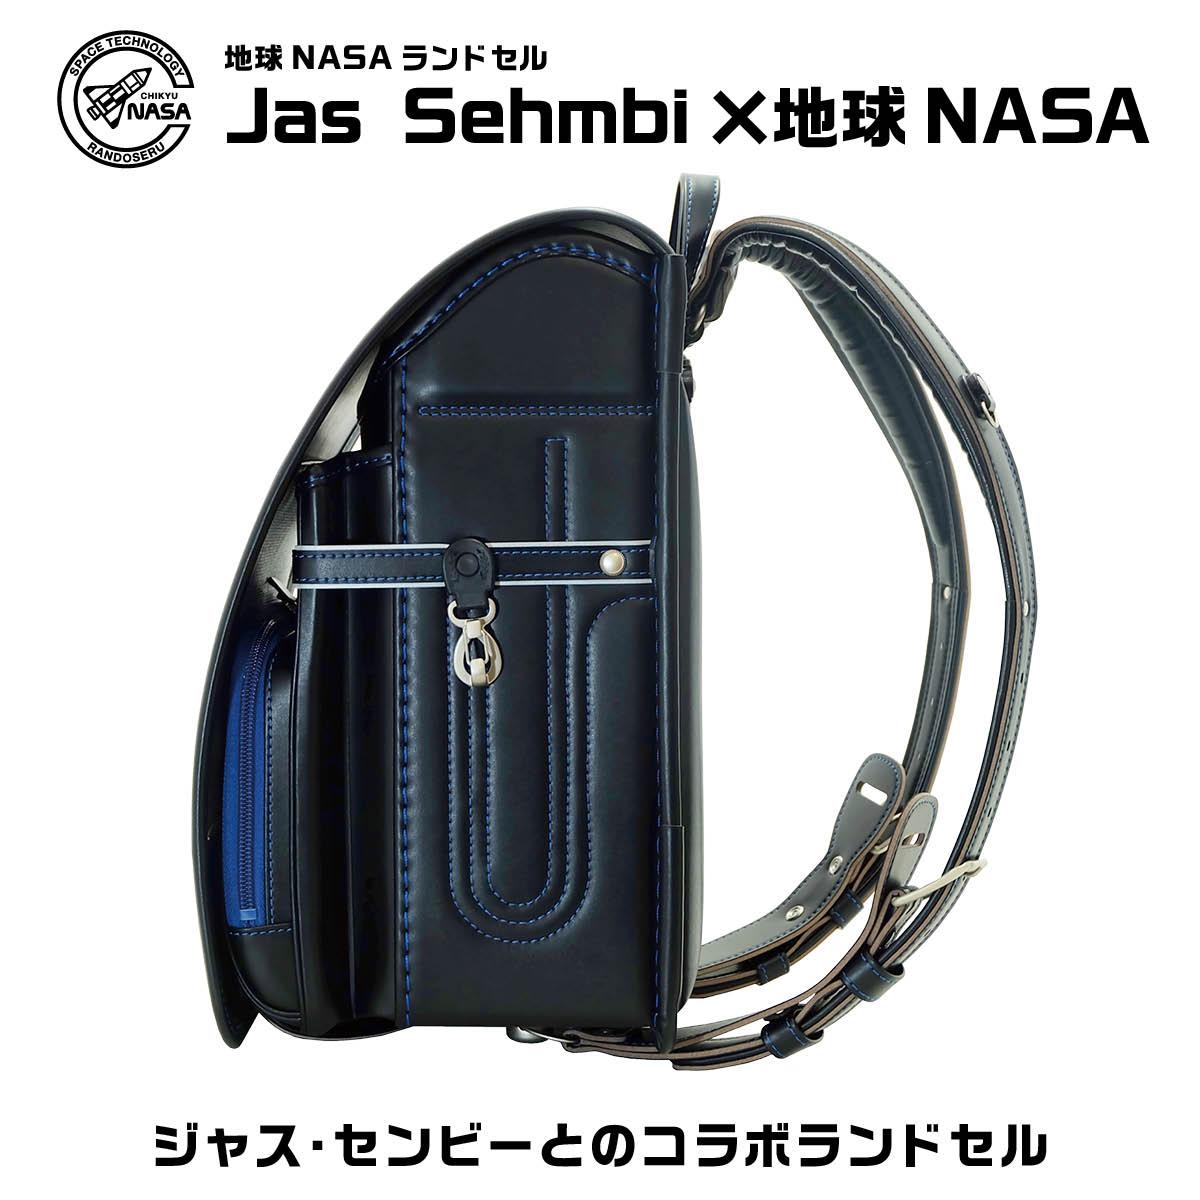 地球NASAランドセルJas Sehmbi (jas-600)【ブランド】【コラボ】【NASA】【池田地球】【イギリス】【イングリッシュ】【男の子】【かっこいい】【人気ブランド】【ウィング背カン】